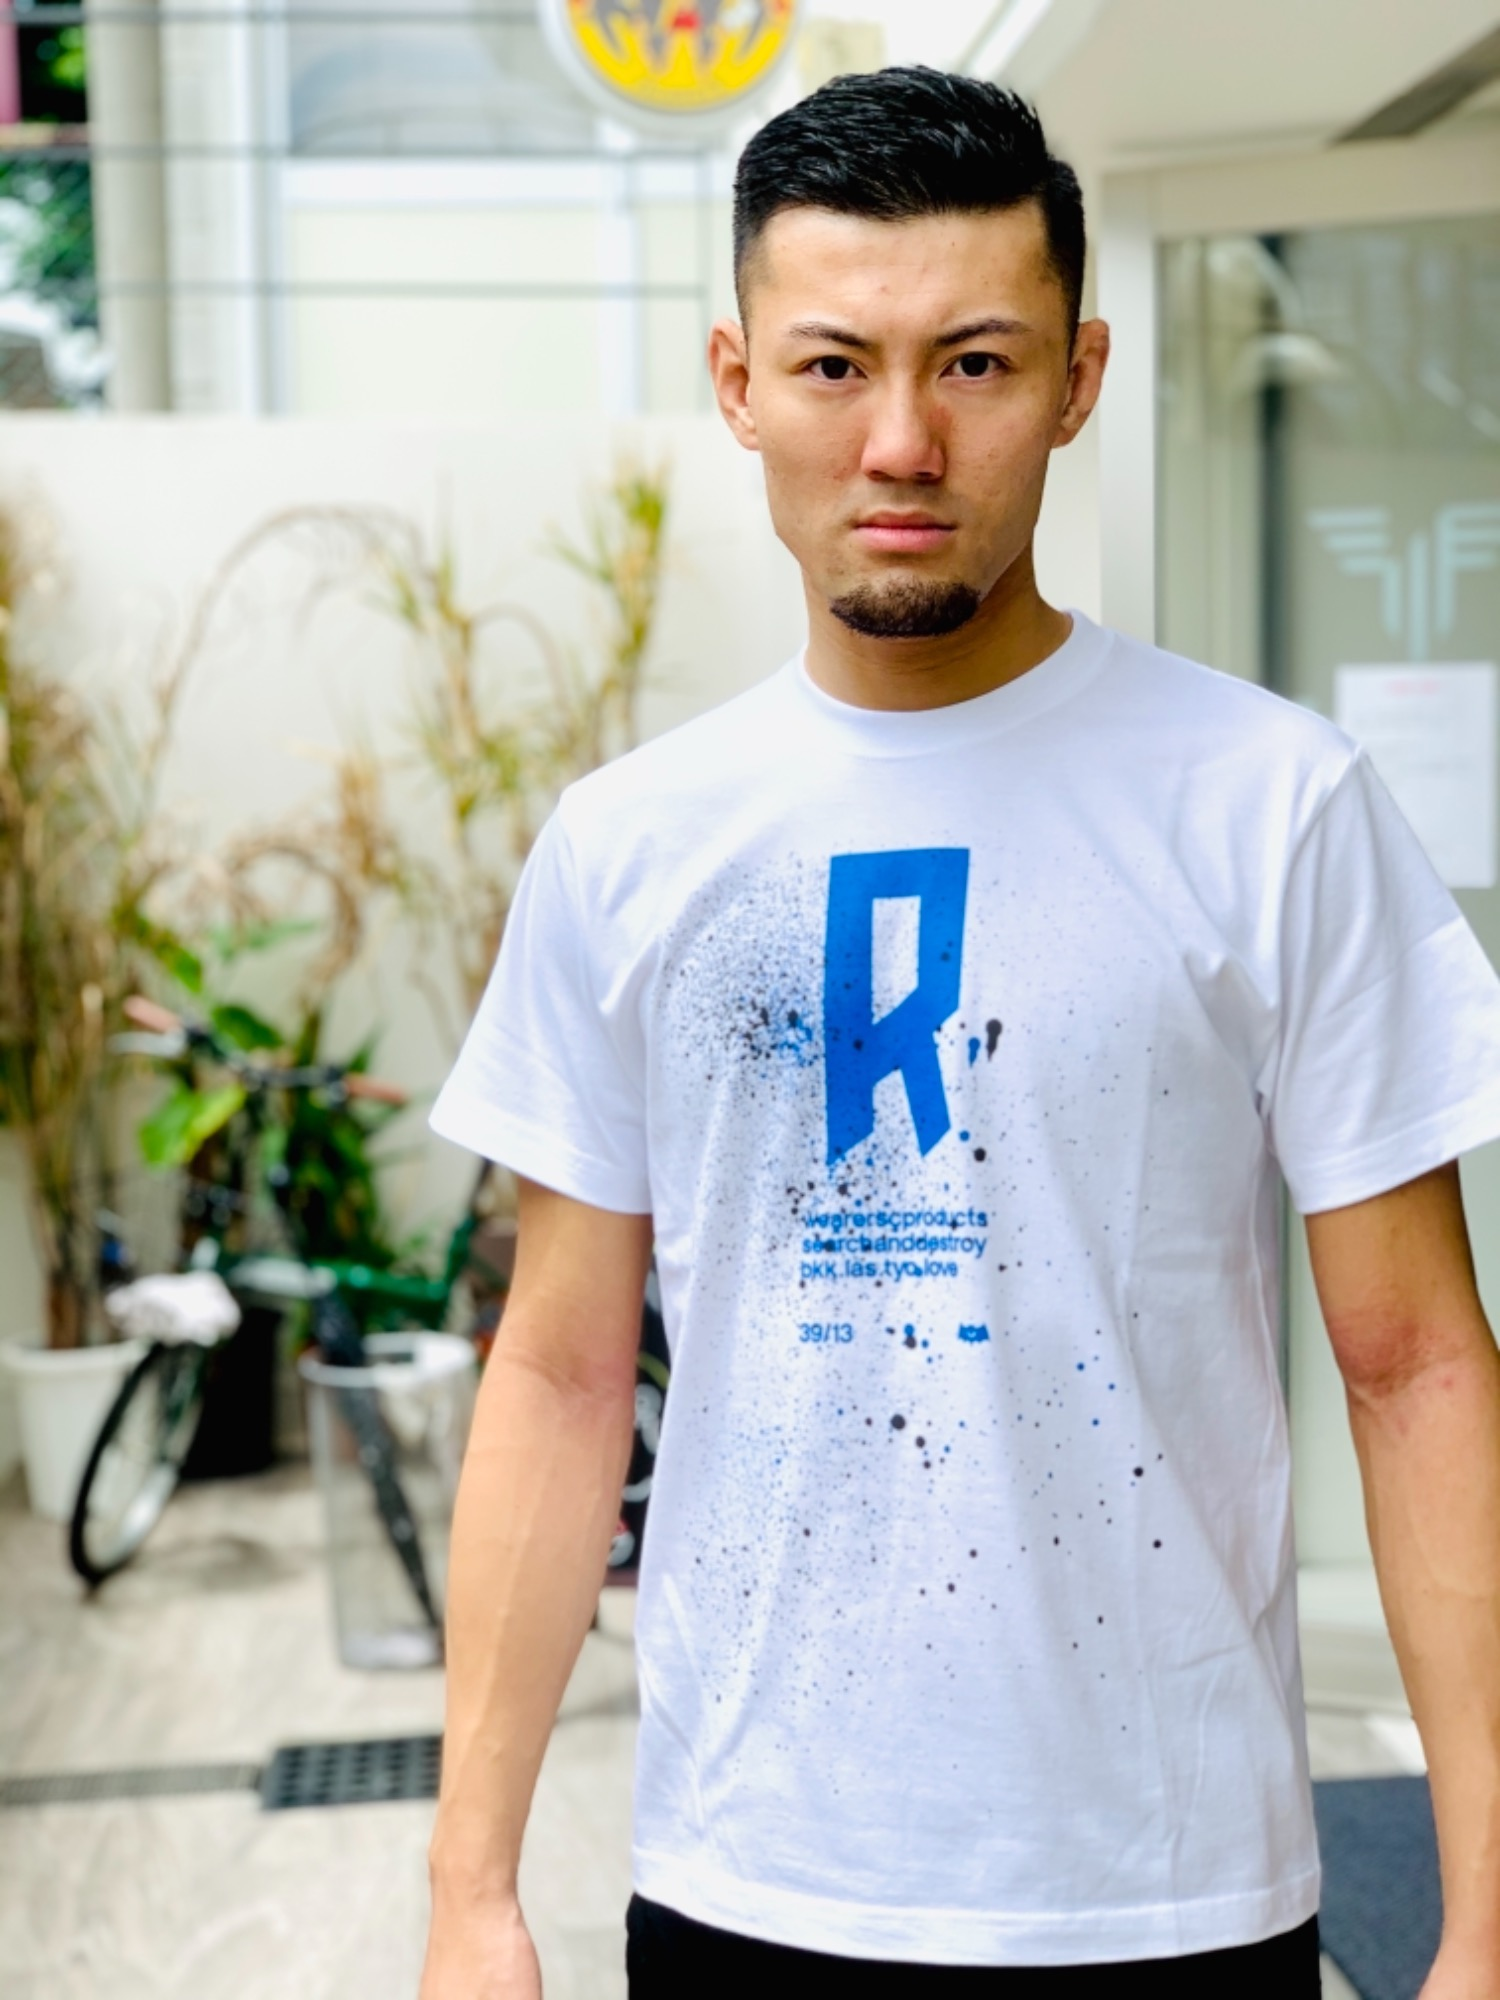 高橋一眞|rsc products公式ウェブサイト